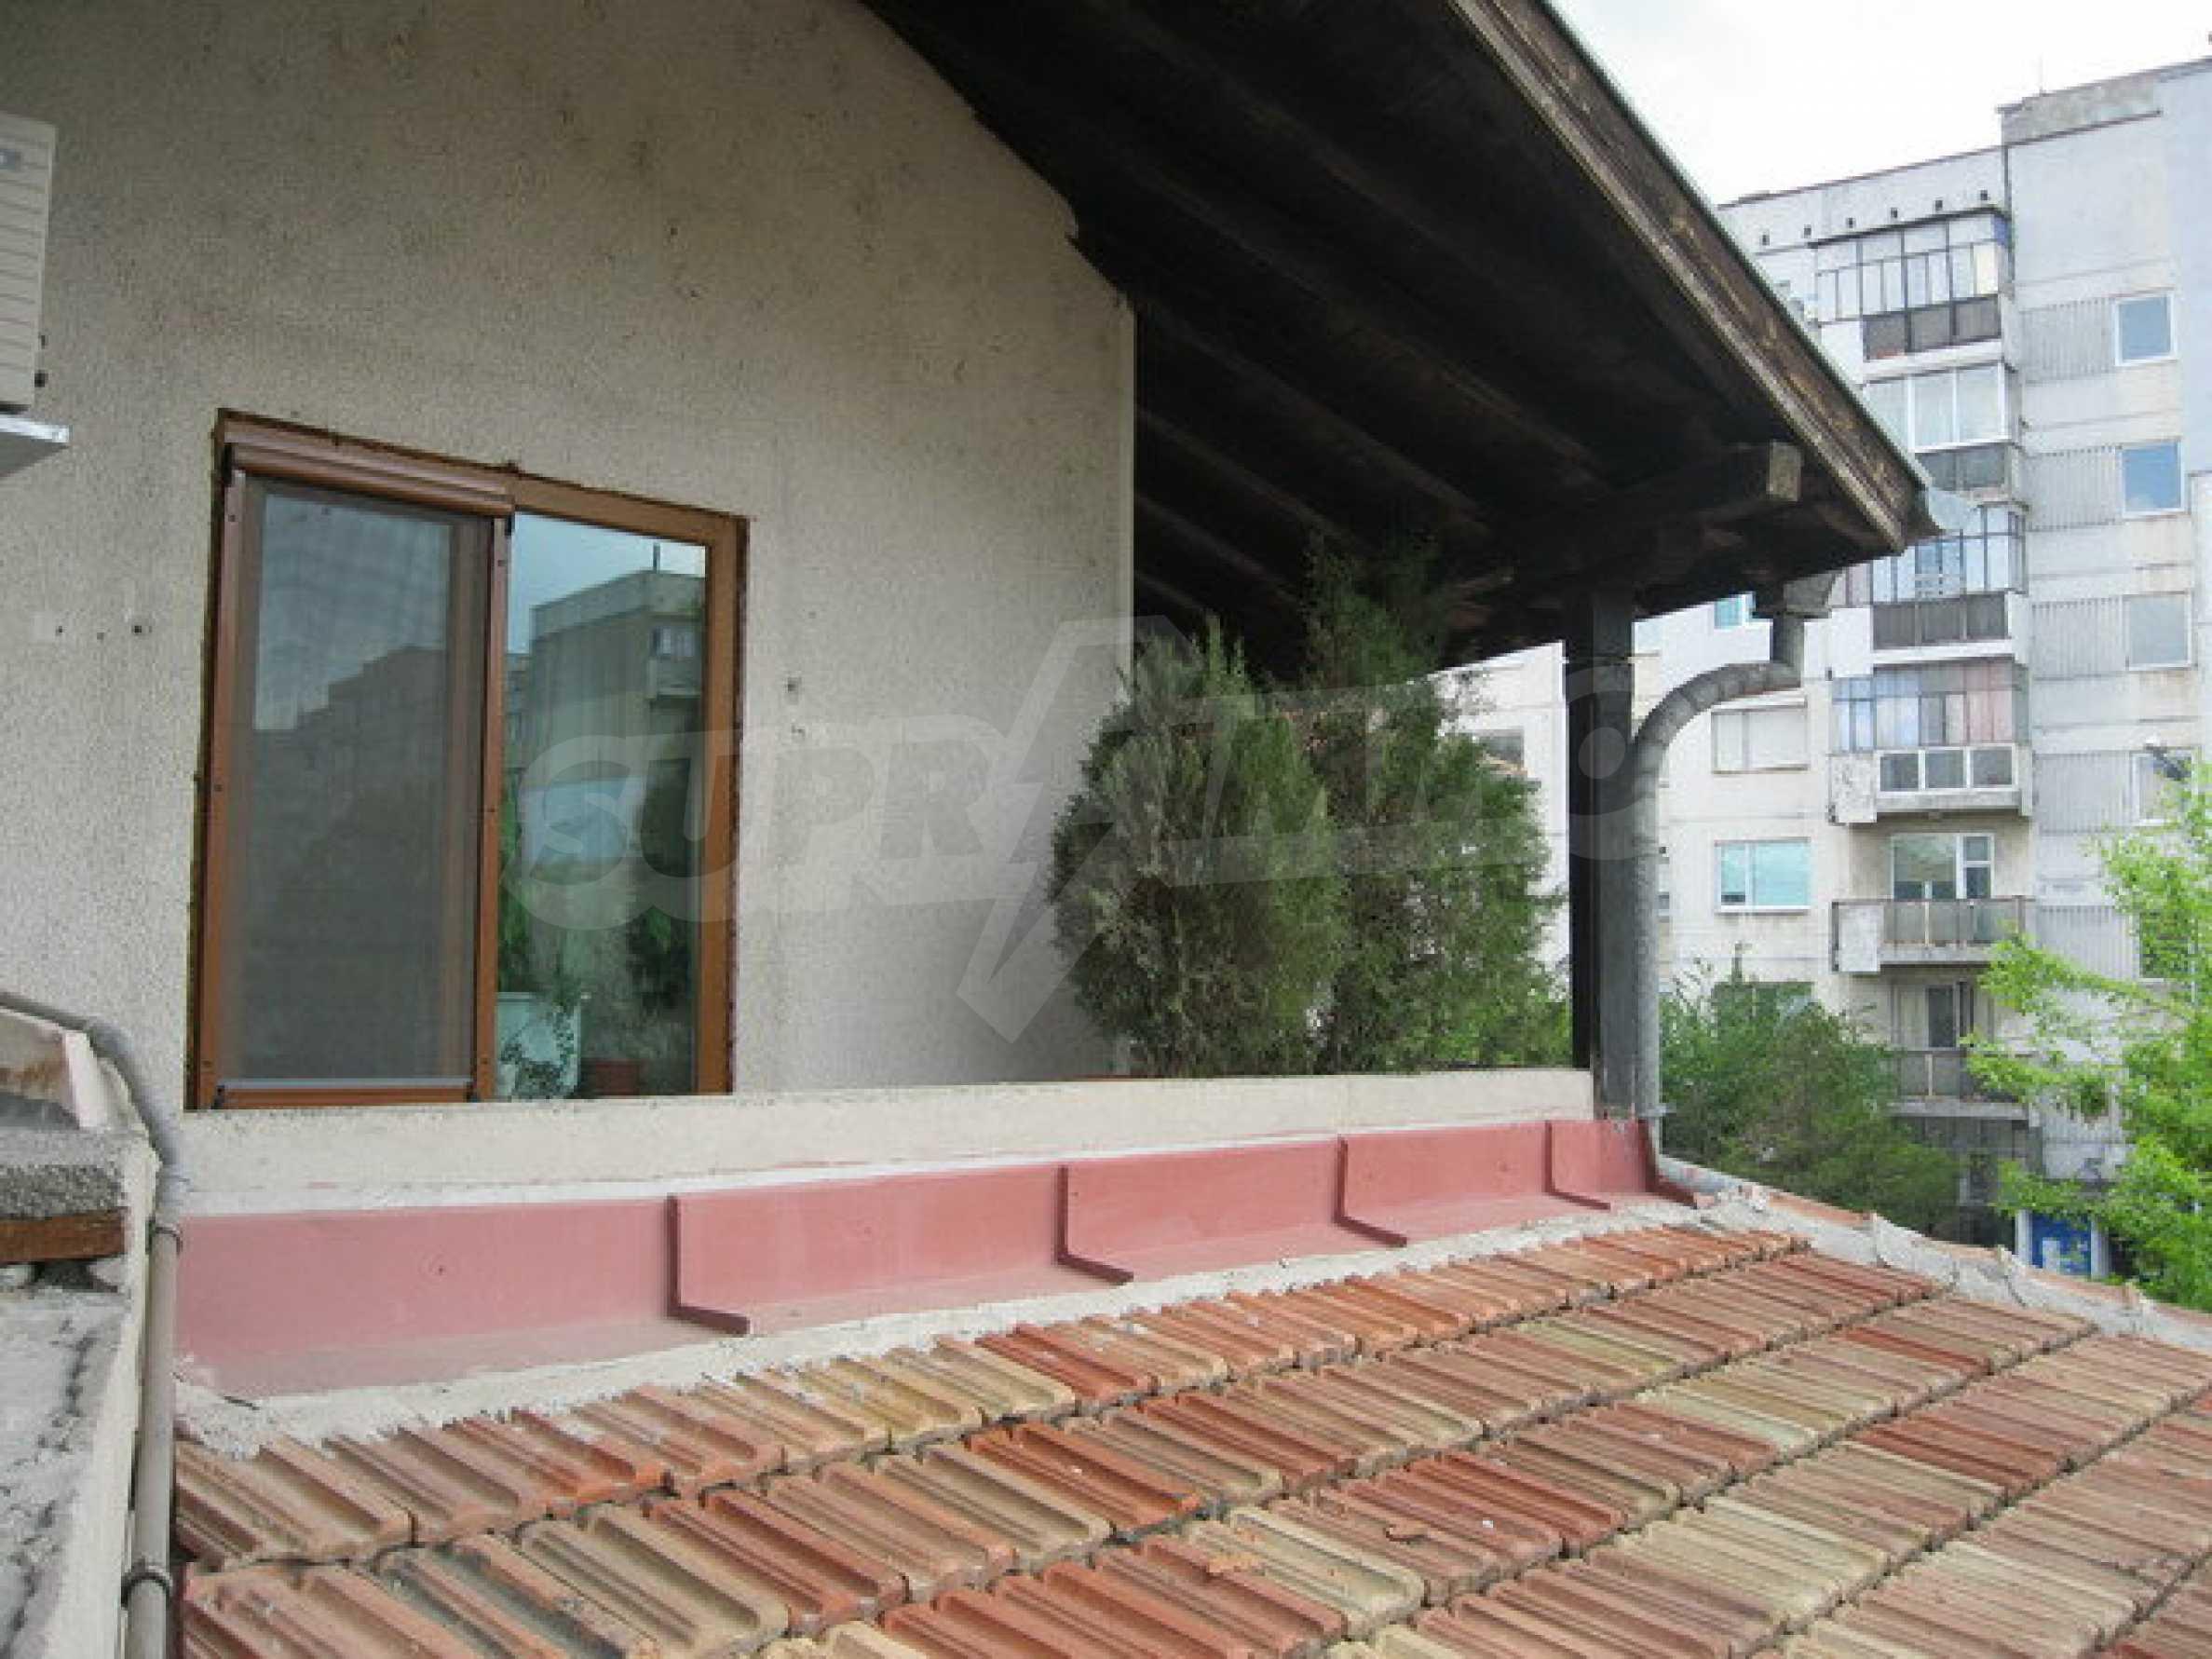 Здание, подходящее для разных видов бизнеса, расположенное в городе Велико Тырново 27